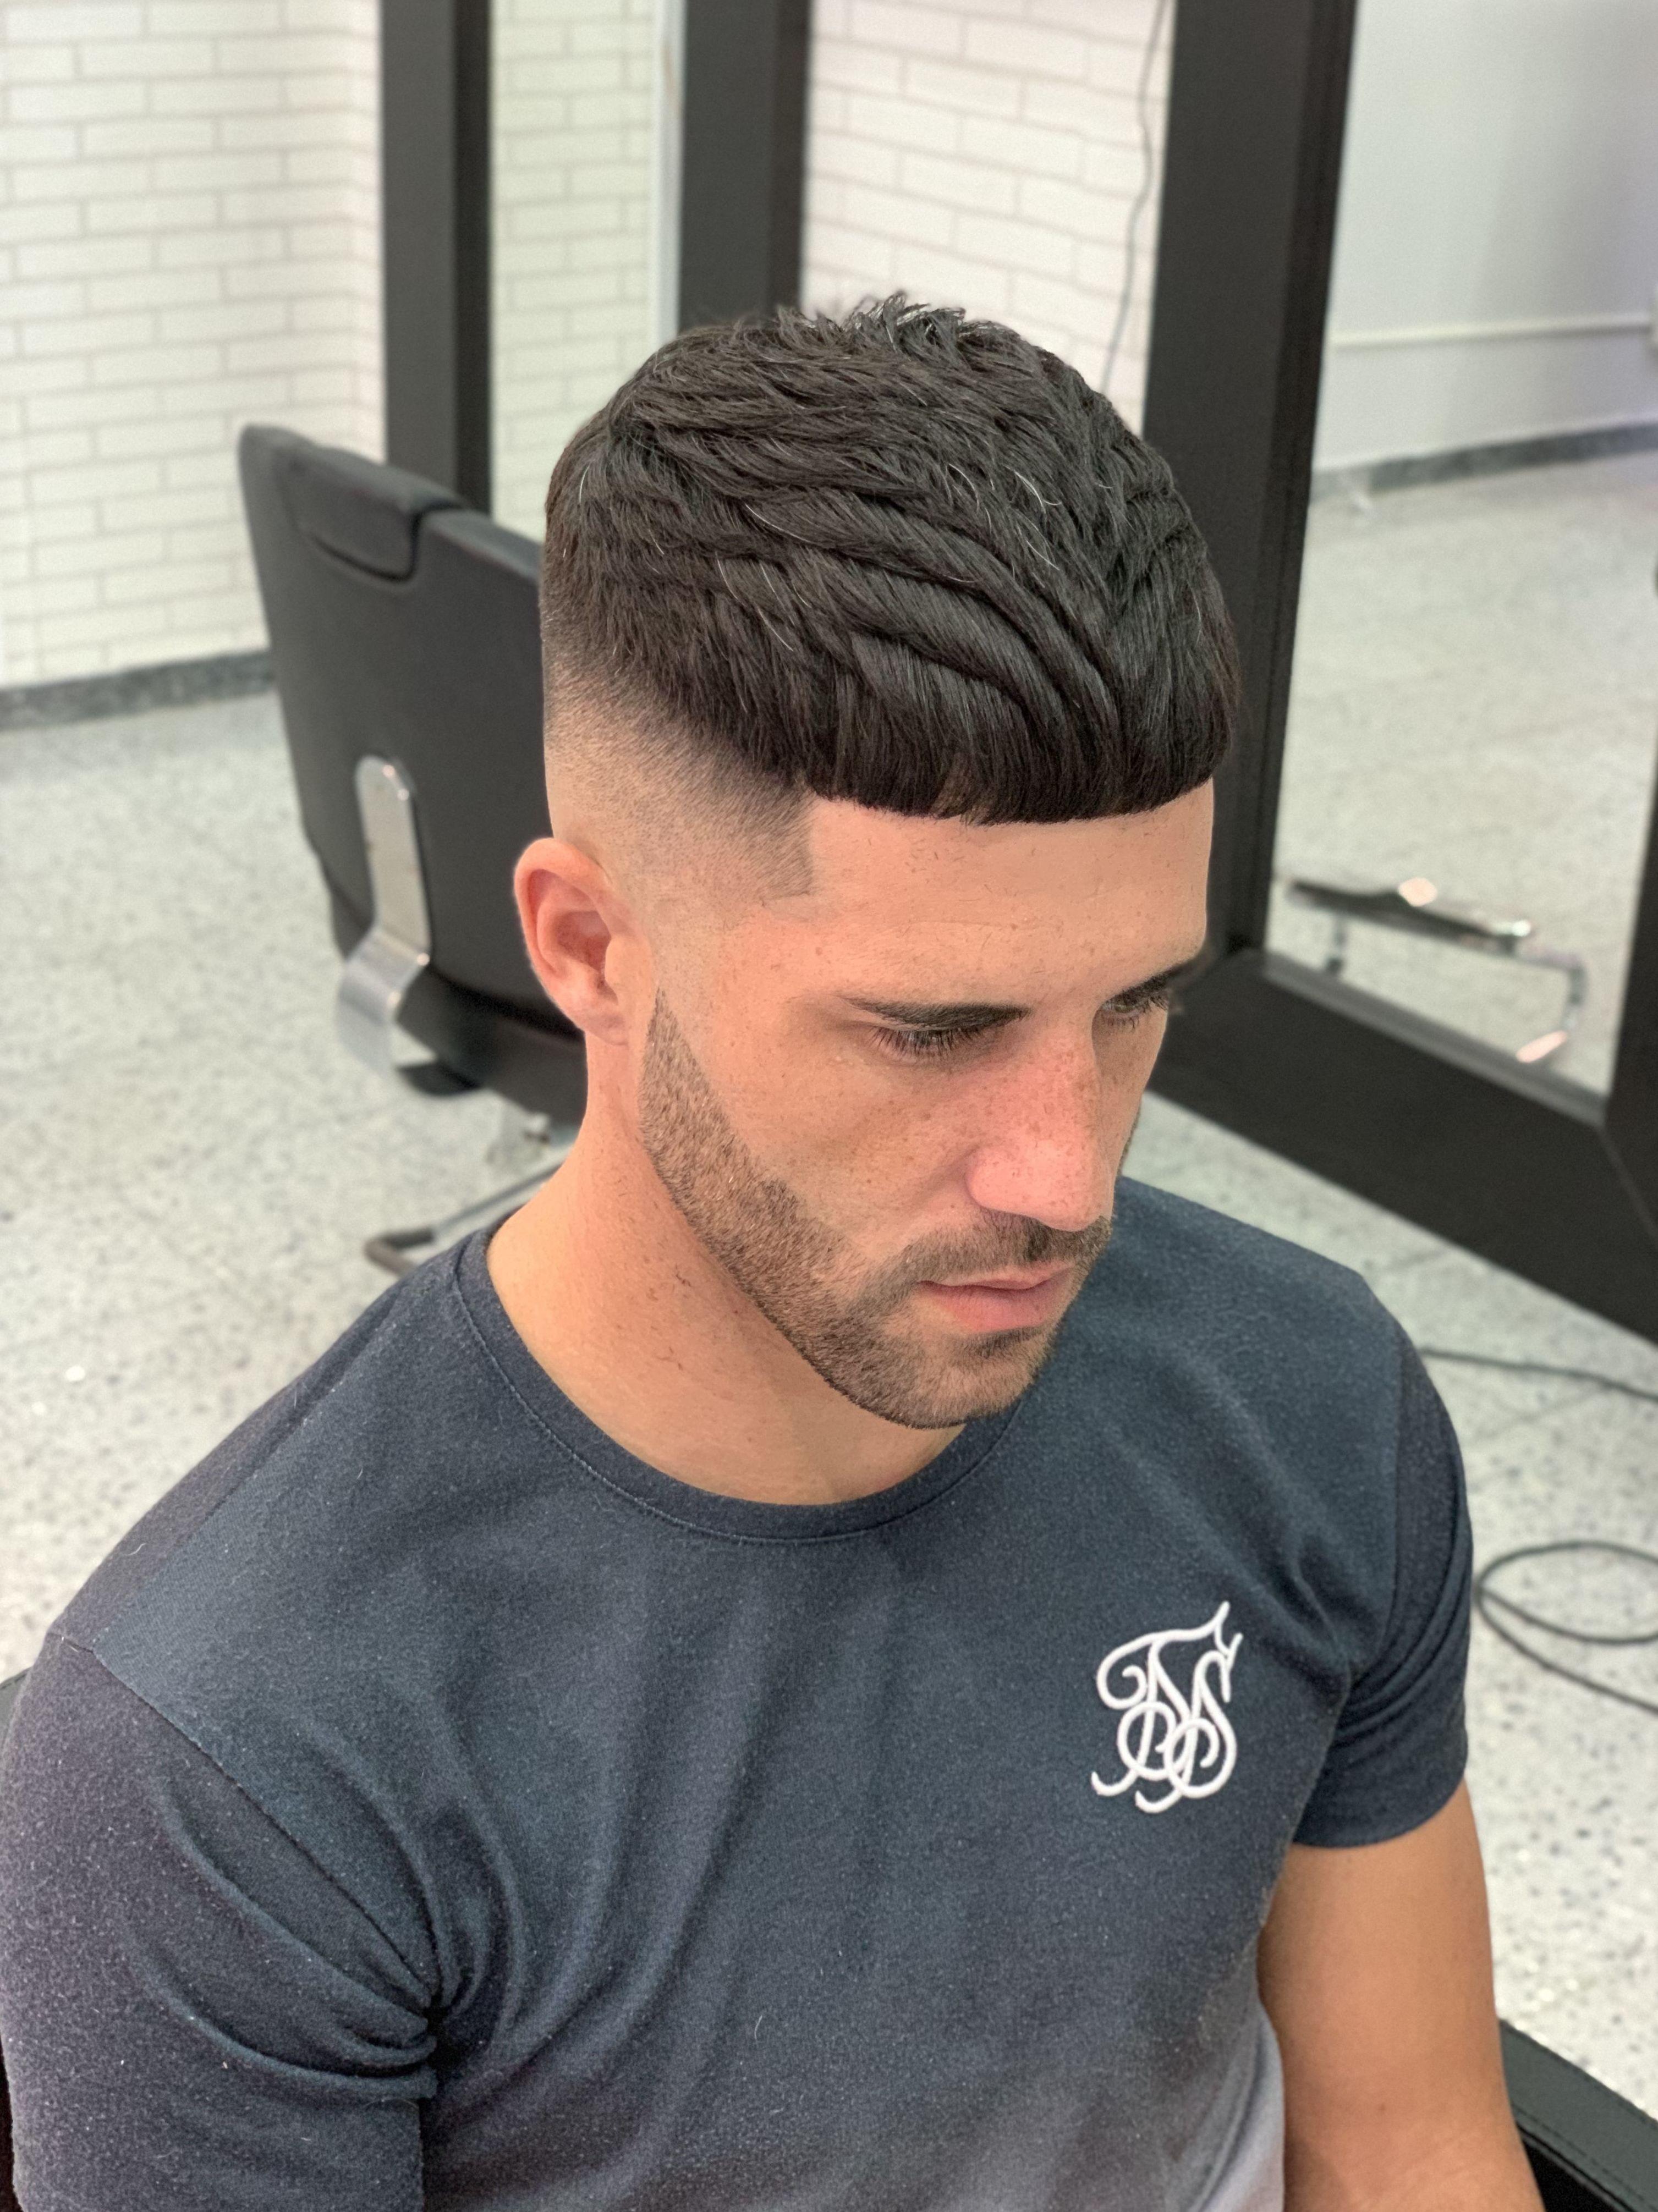 Foto 3 de Academia de peluquería y barbería en Las palmas | Academia de Barbería David Cabello